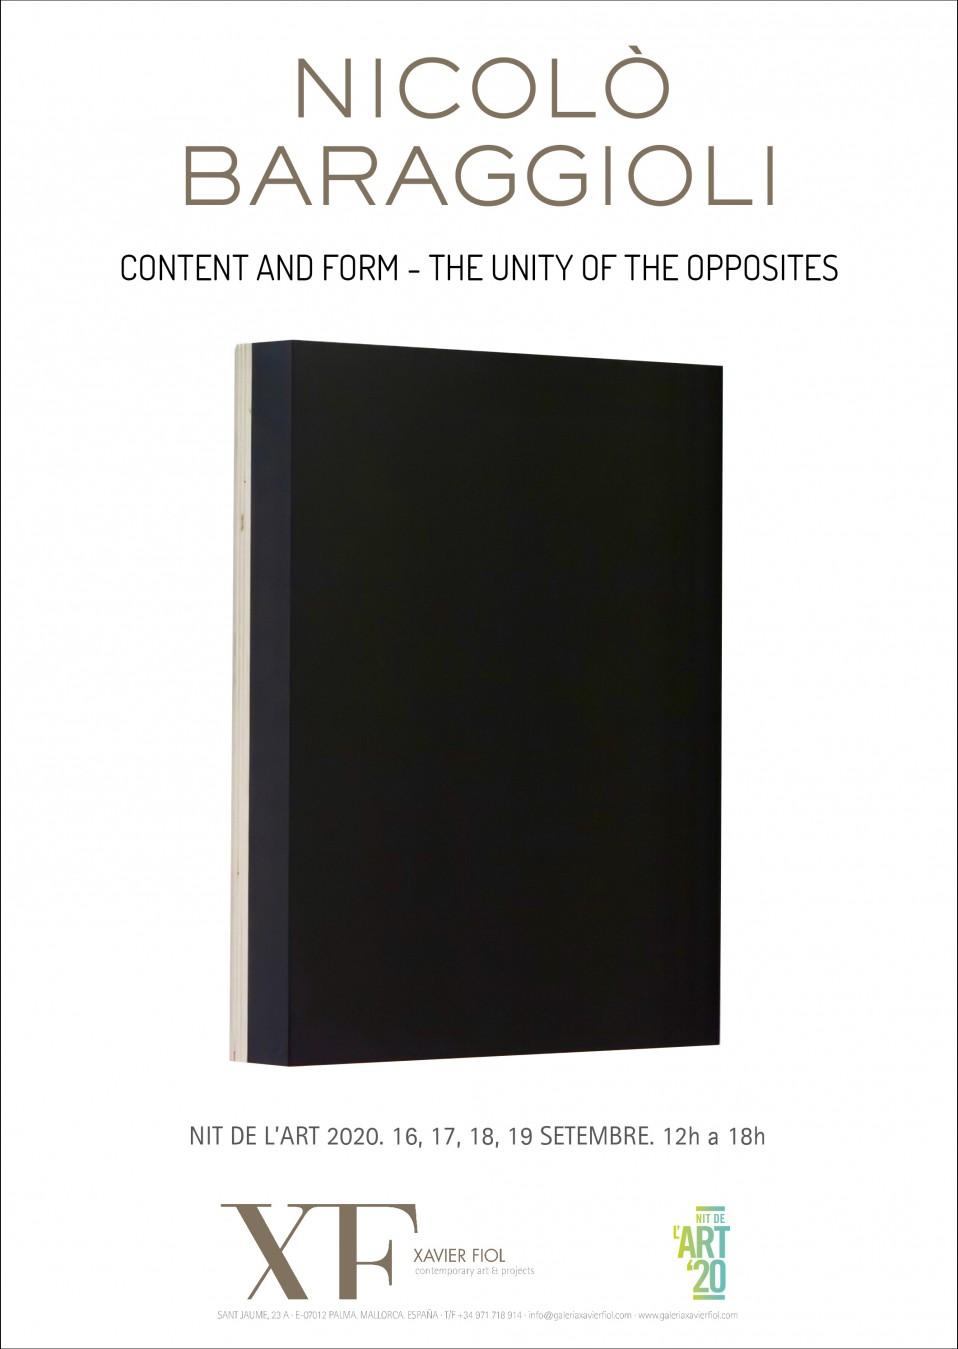 """Galería XF próxima exposición: NICOLÒ BARAGGIOLI  """"Content and form – The unity of the opposites"""". 16, 17, 18 y 19 septiembre. Nit de l'Art 2020. 12h a 18h."""